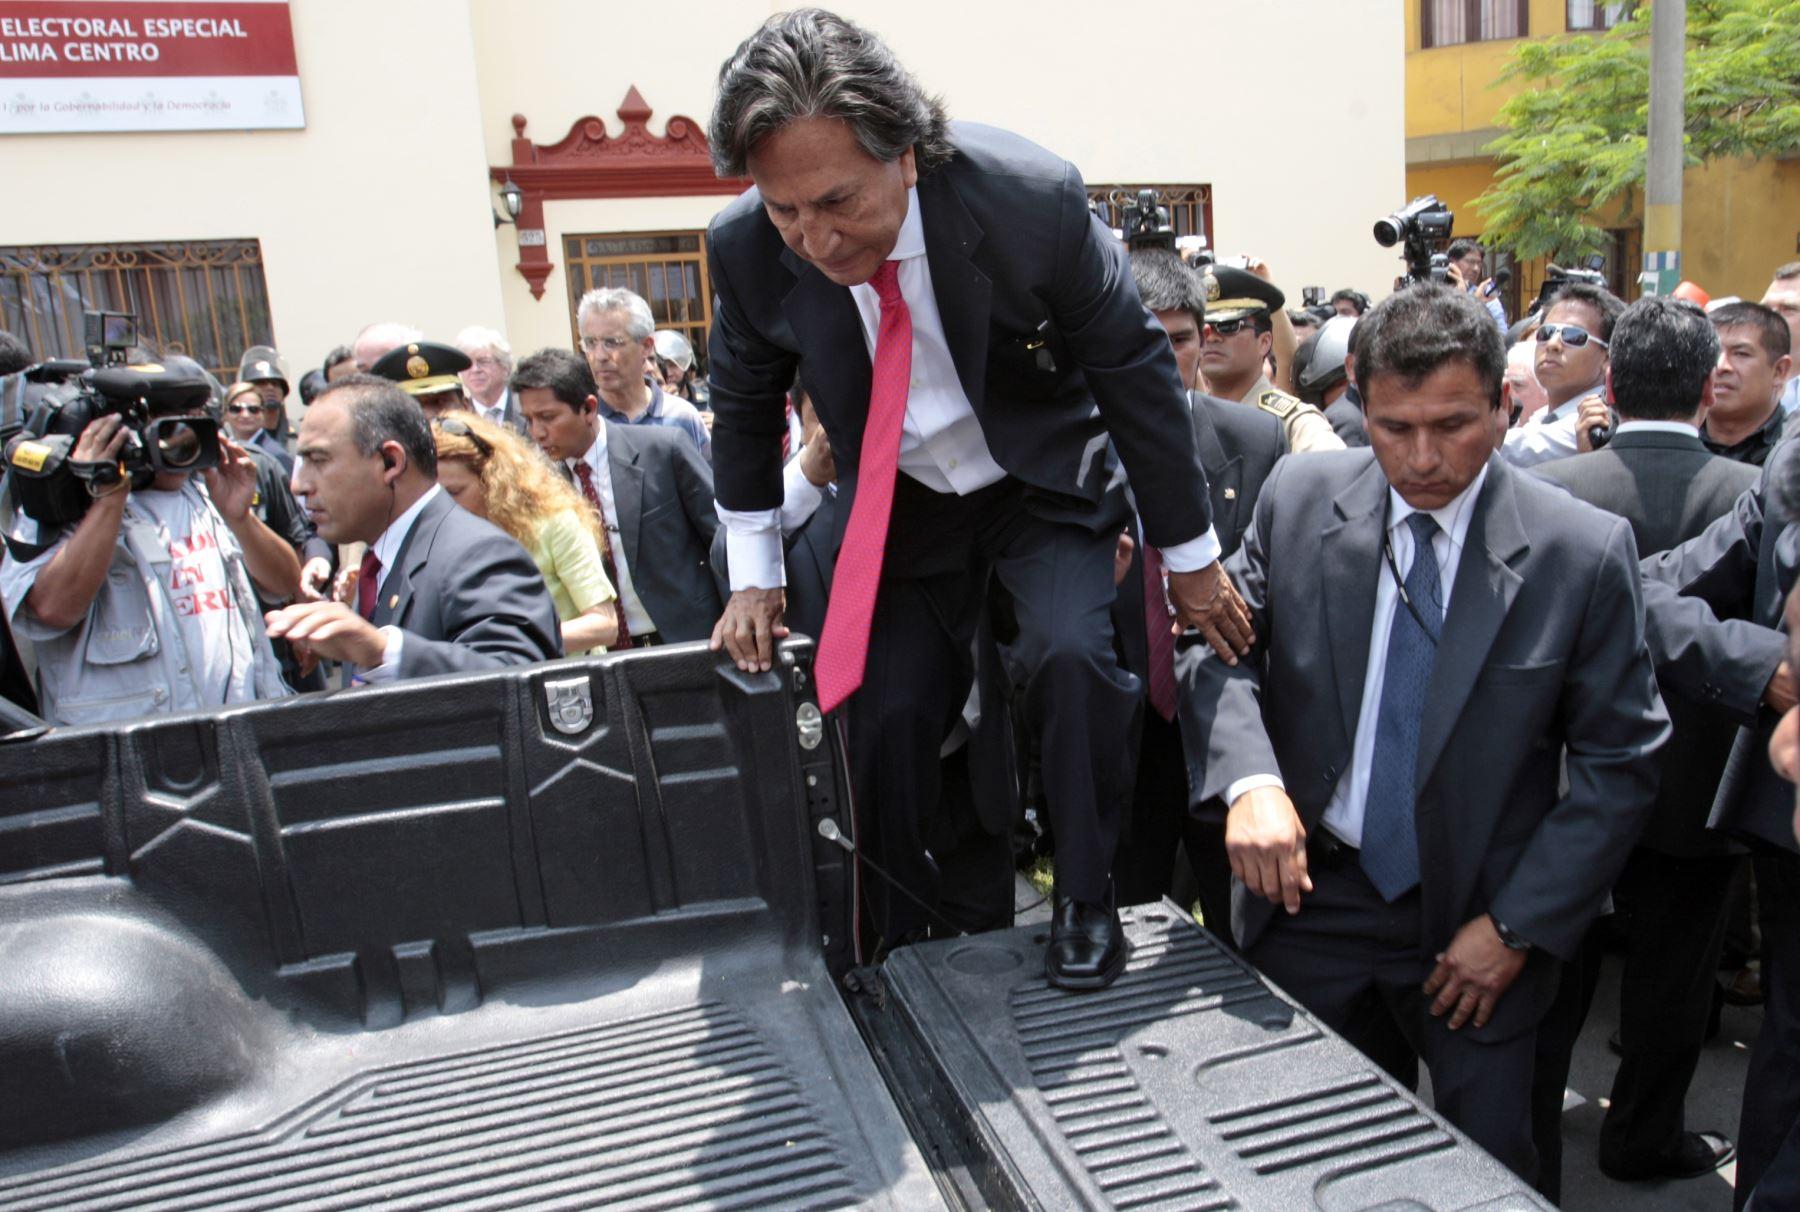 Corte Suprema evaluará este lunes extradición — Alejandro Toledo